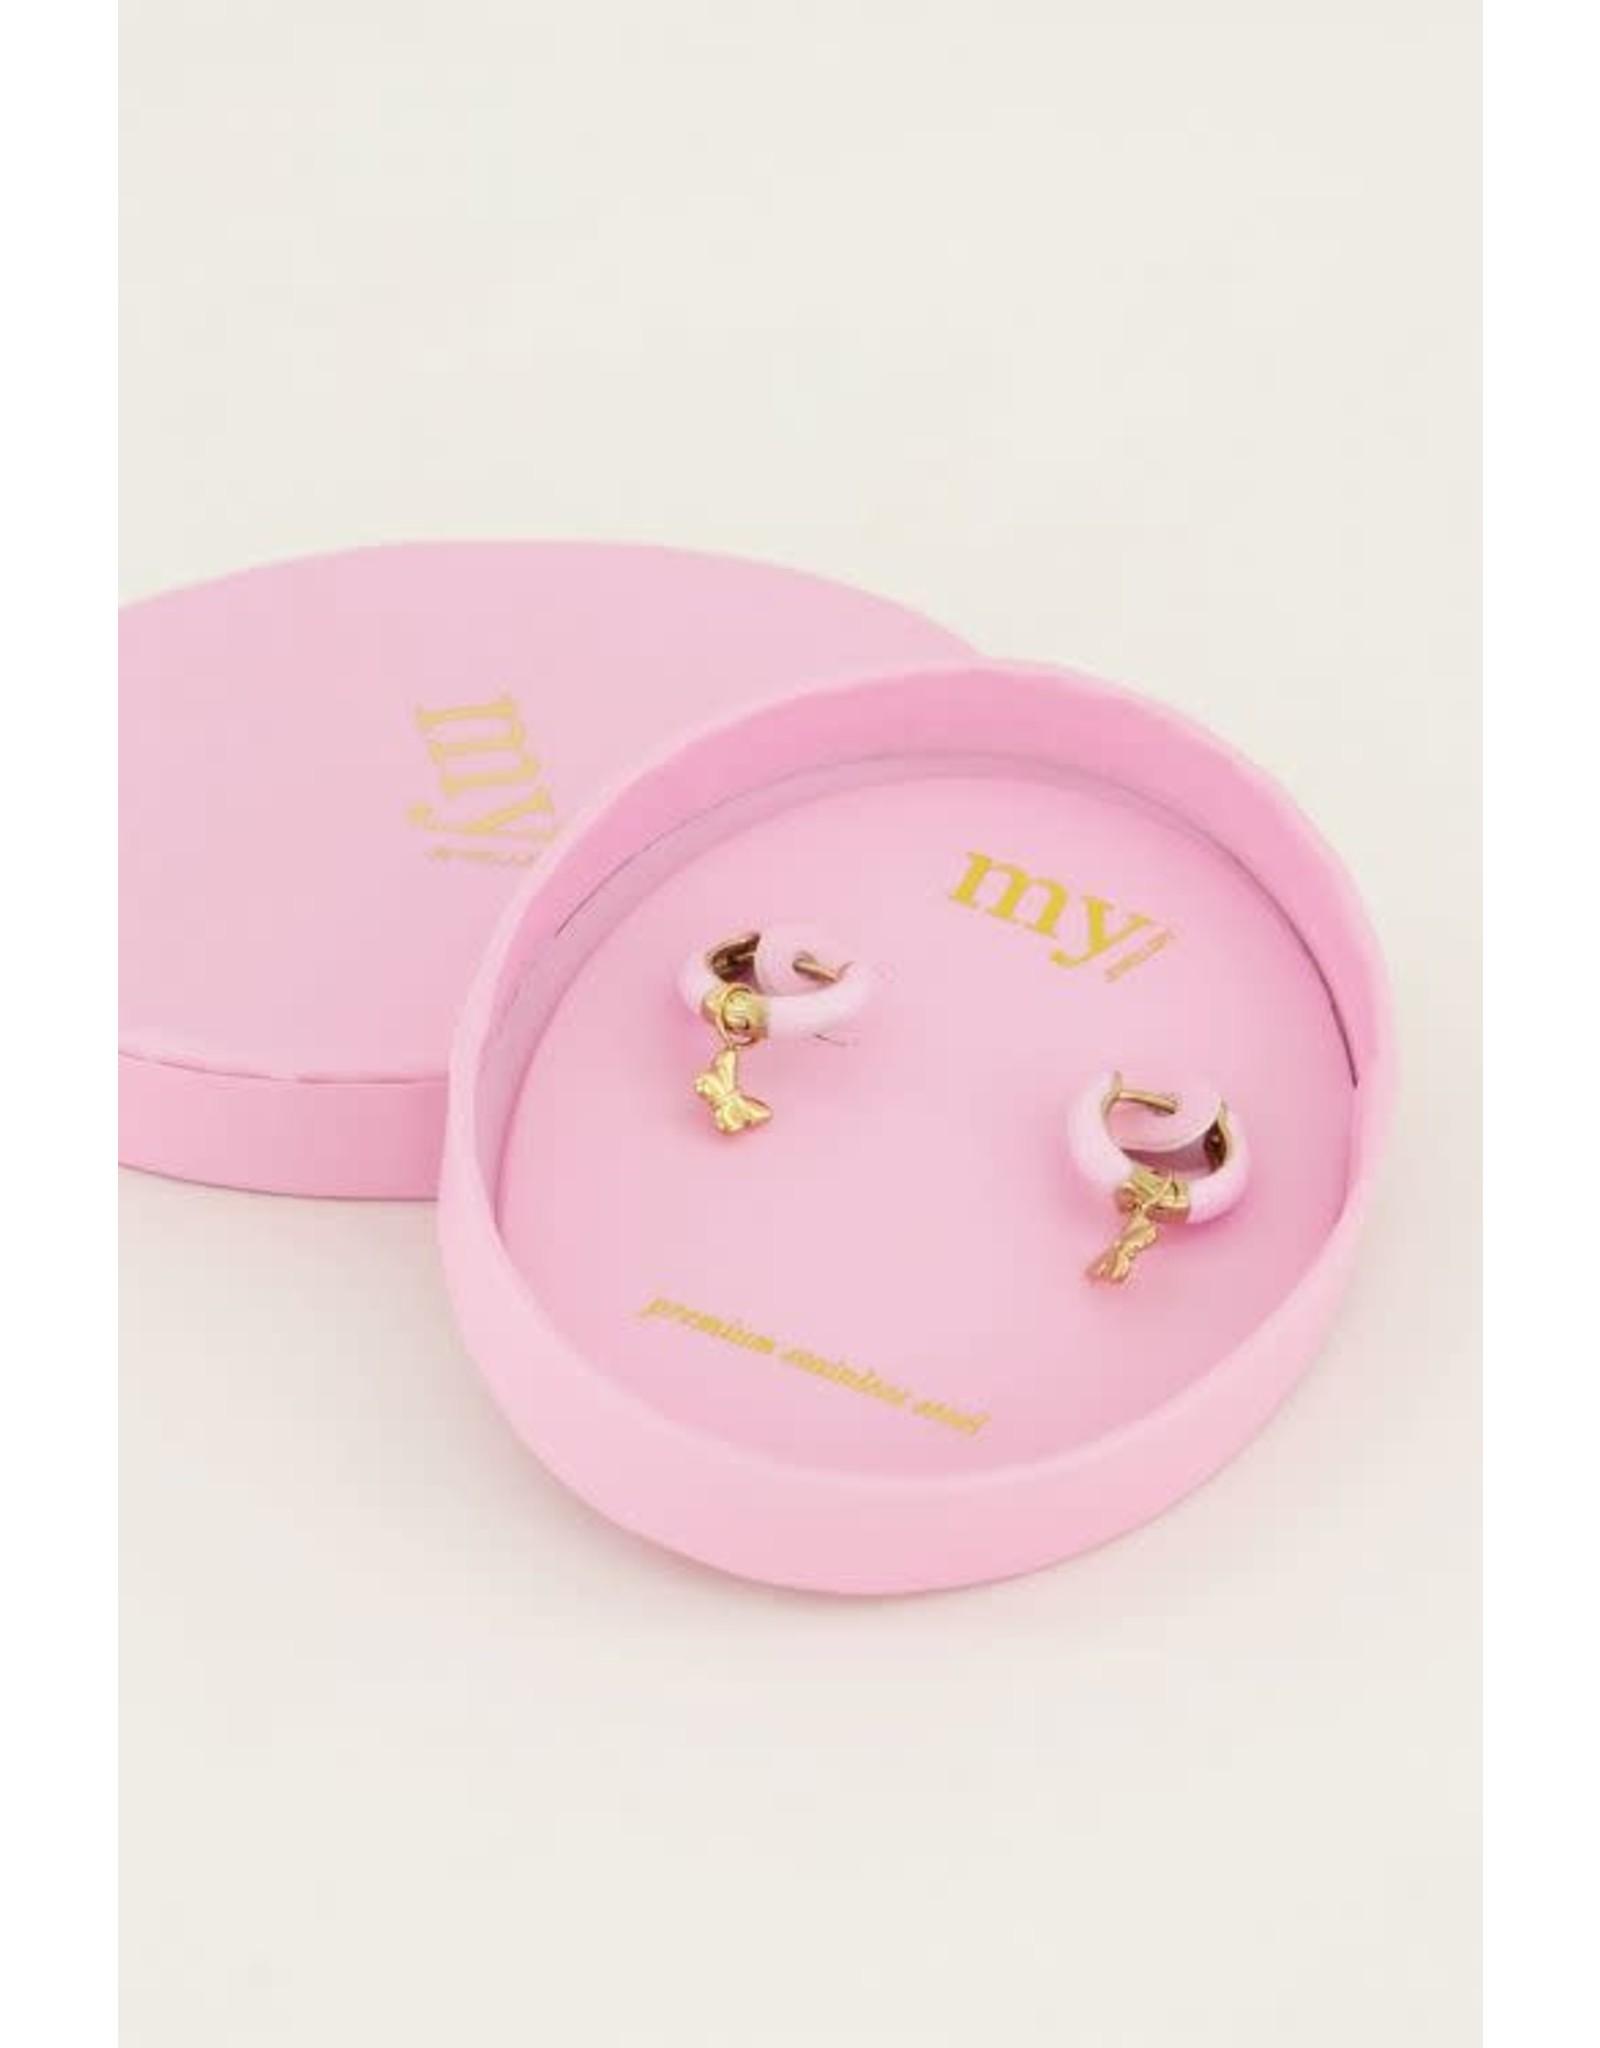 My Jewellery My Jewellery oorringen roze vlinder